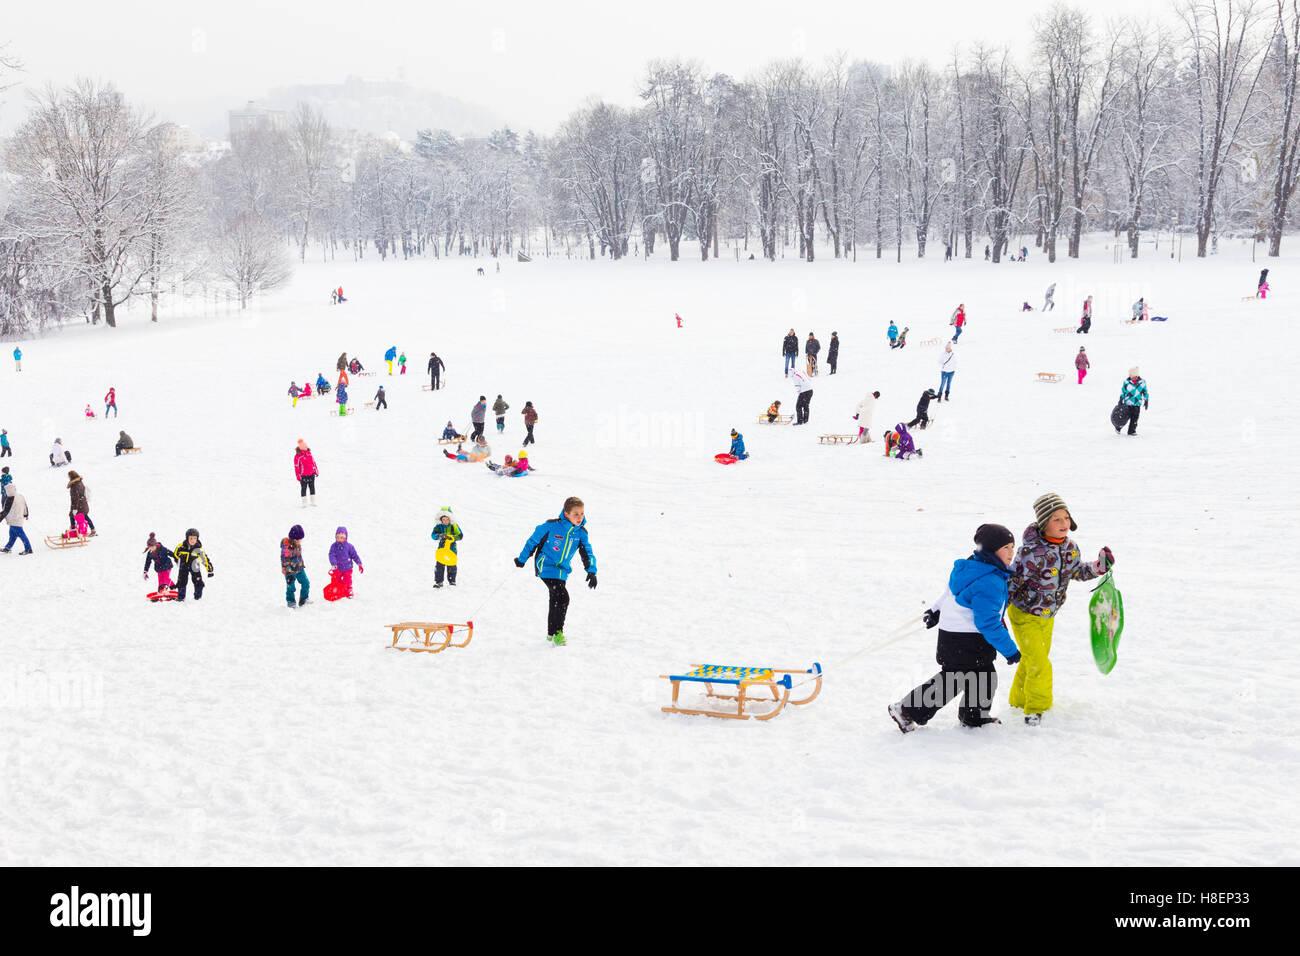 Plaisir d'hiver, neige, traîneau à chiens à l'heure d'hiver. Photo Stock